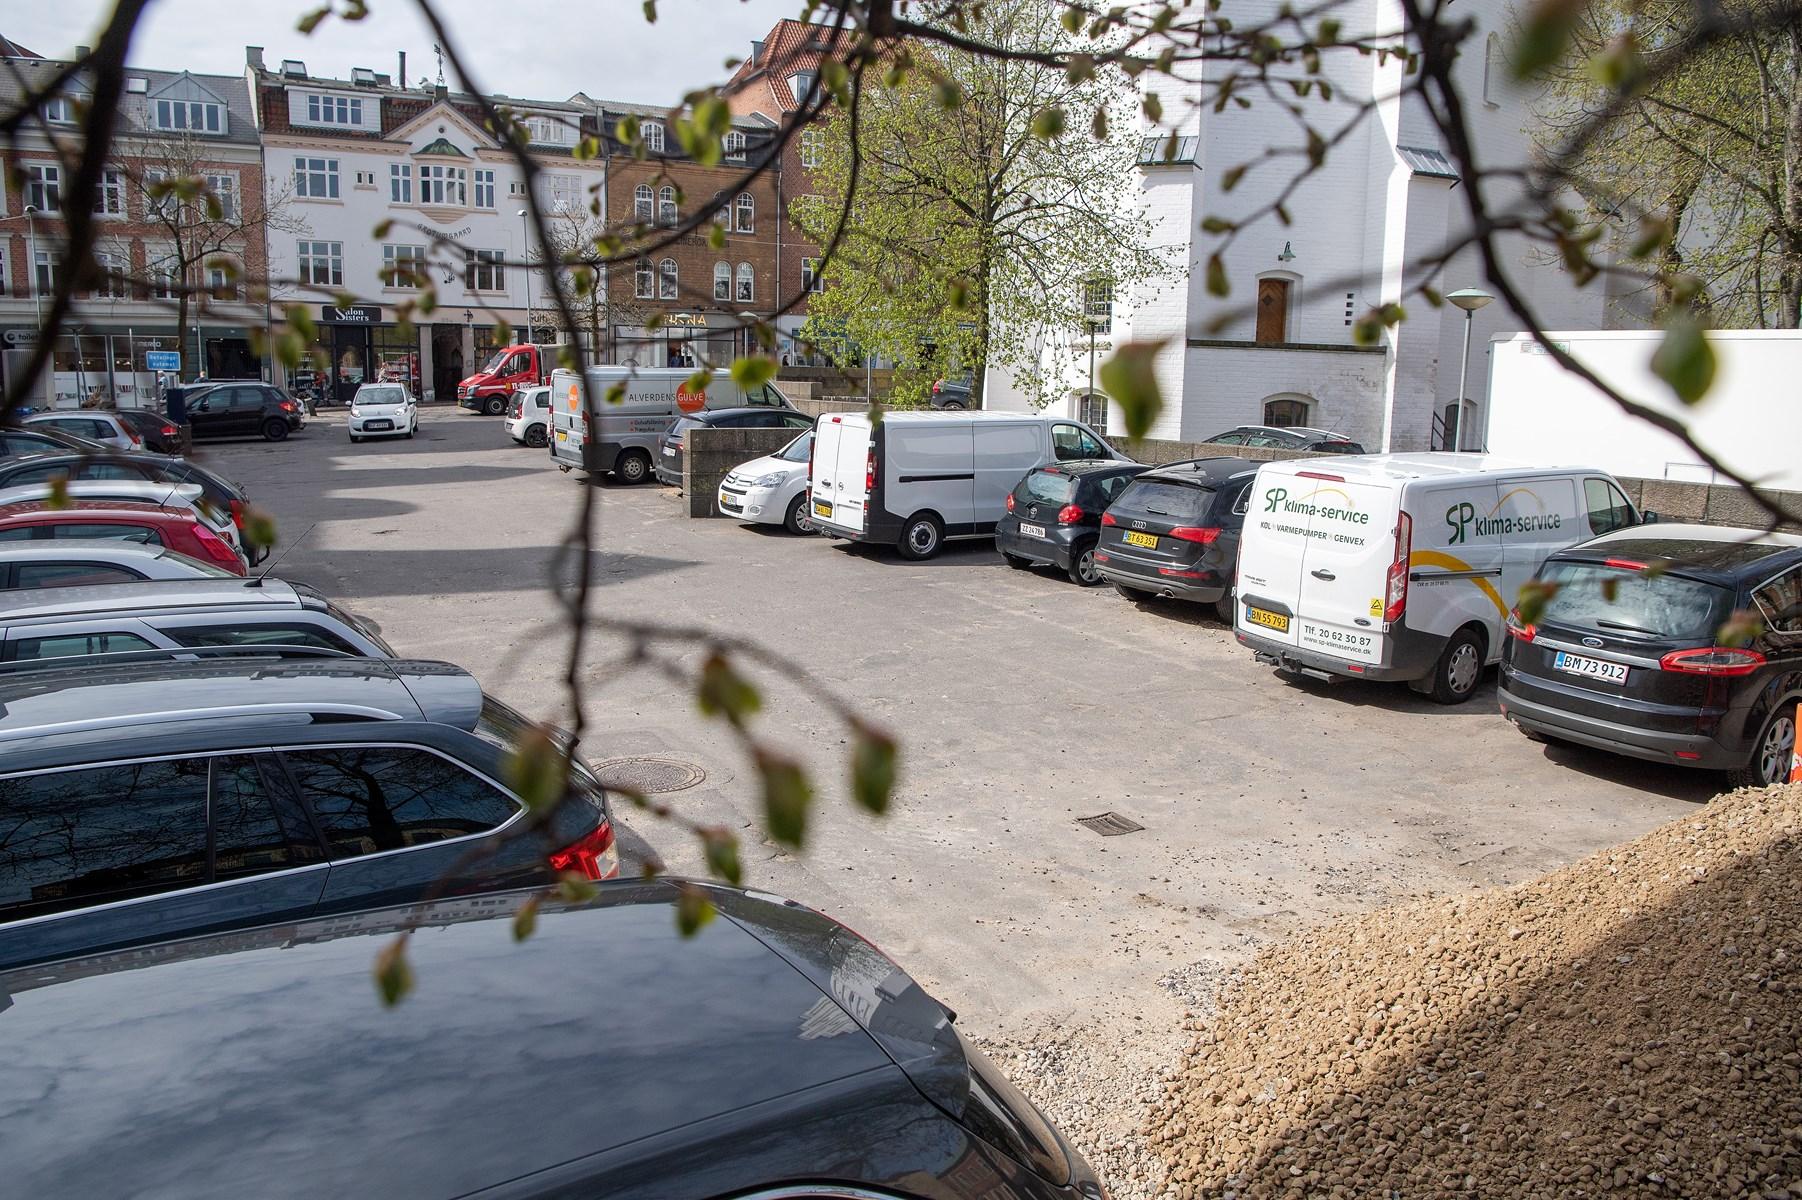 Vild debat: Nedlæggelse af parkeringsplads deler Aalborg